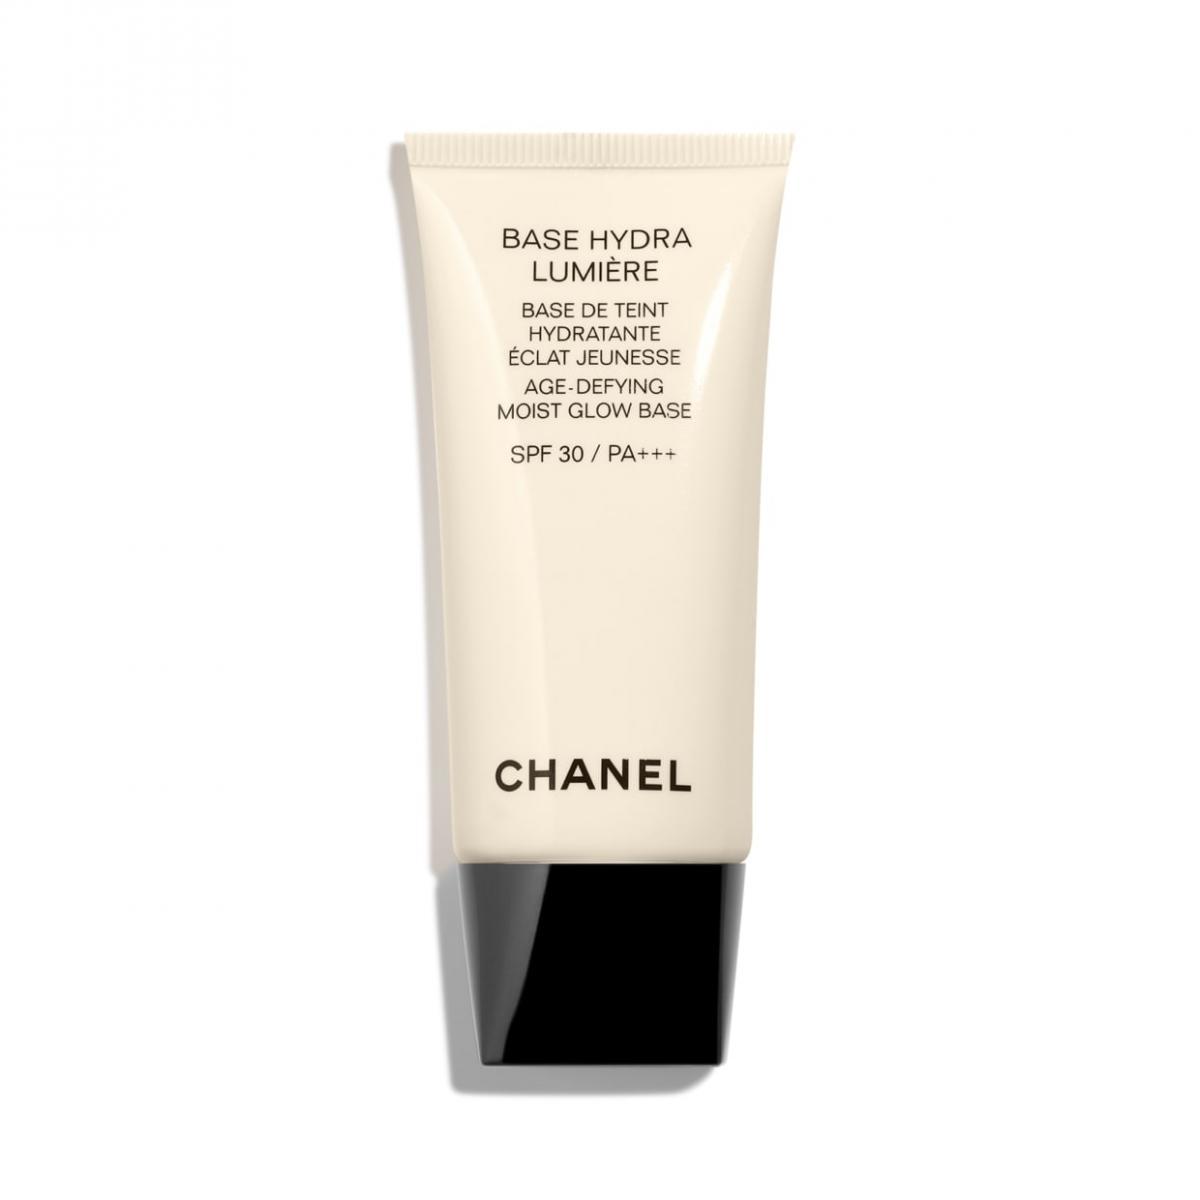 妝前乳推薦Top 10!2020妝前乳專櫃話題品牌,這款水潤到連爛粉底都能拯救!-1